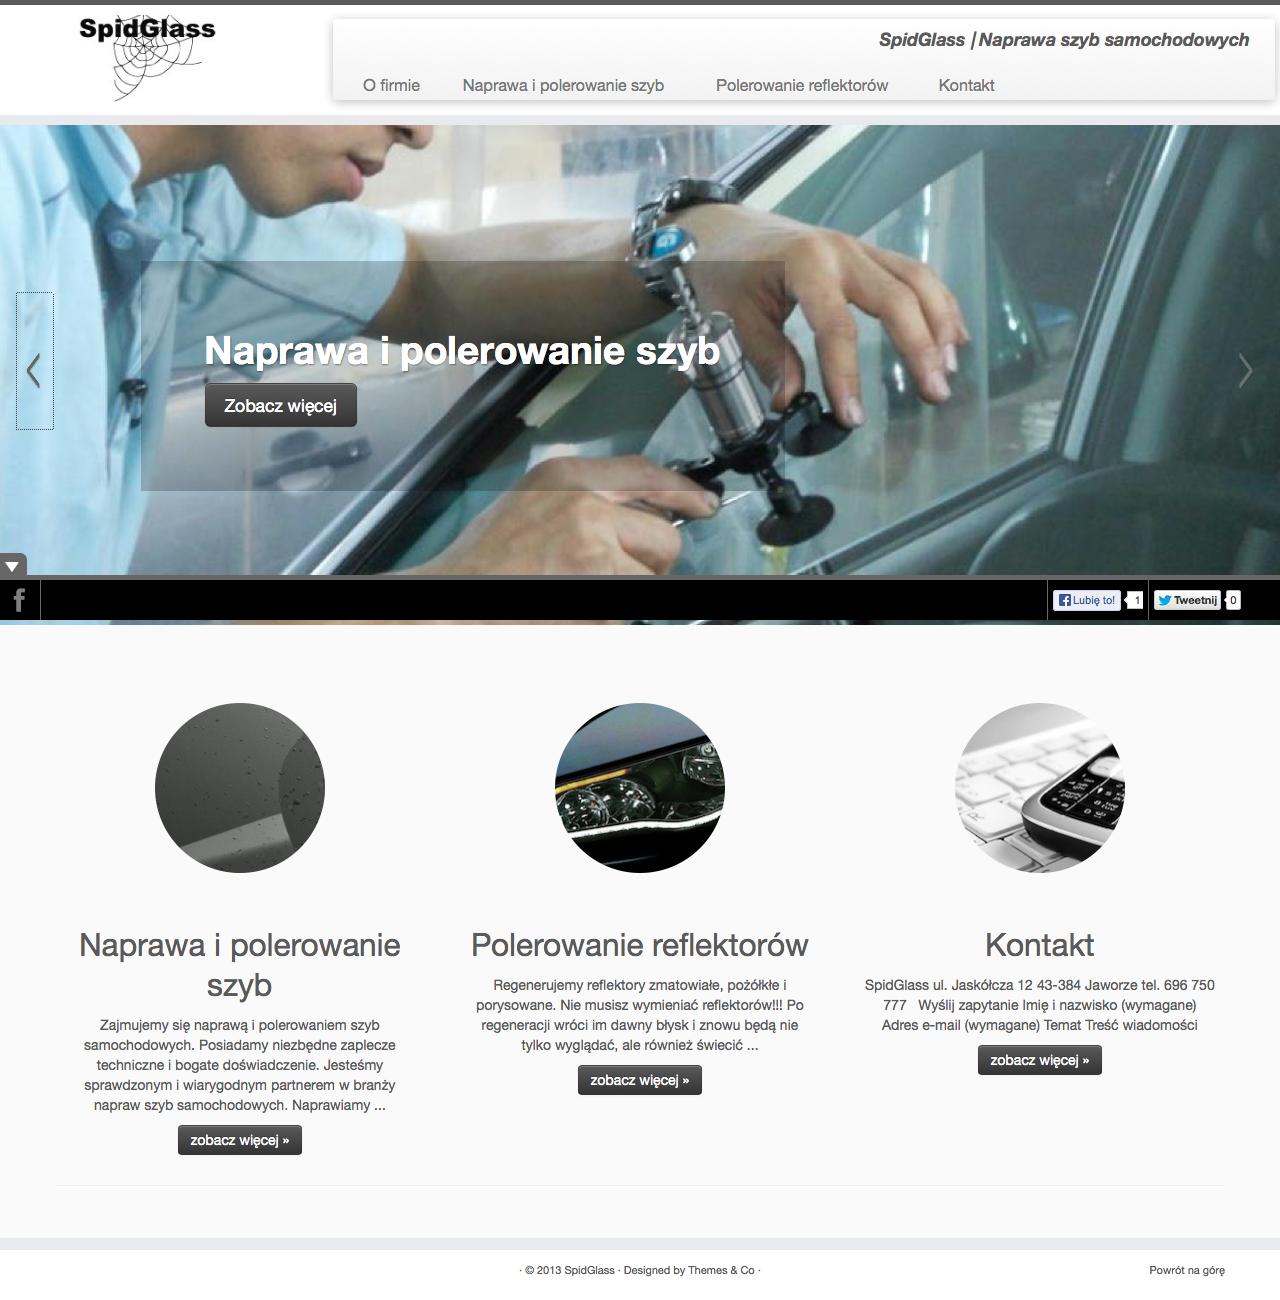 SpidGlass | Profesjonalna naprawa szyb i reflektorów 2013-12-07 14-03-47